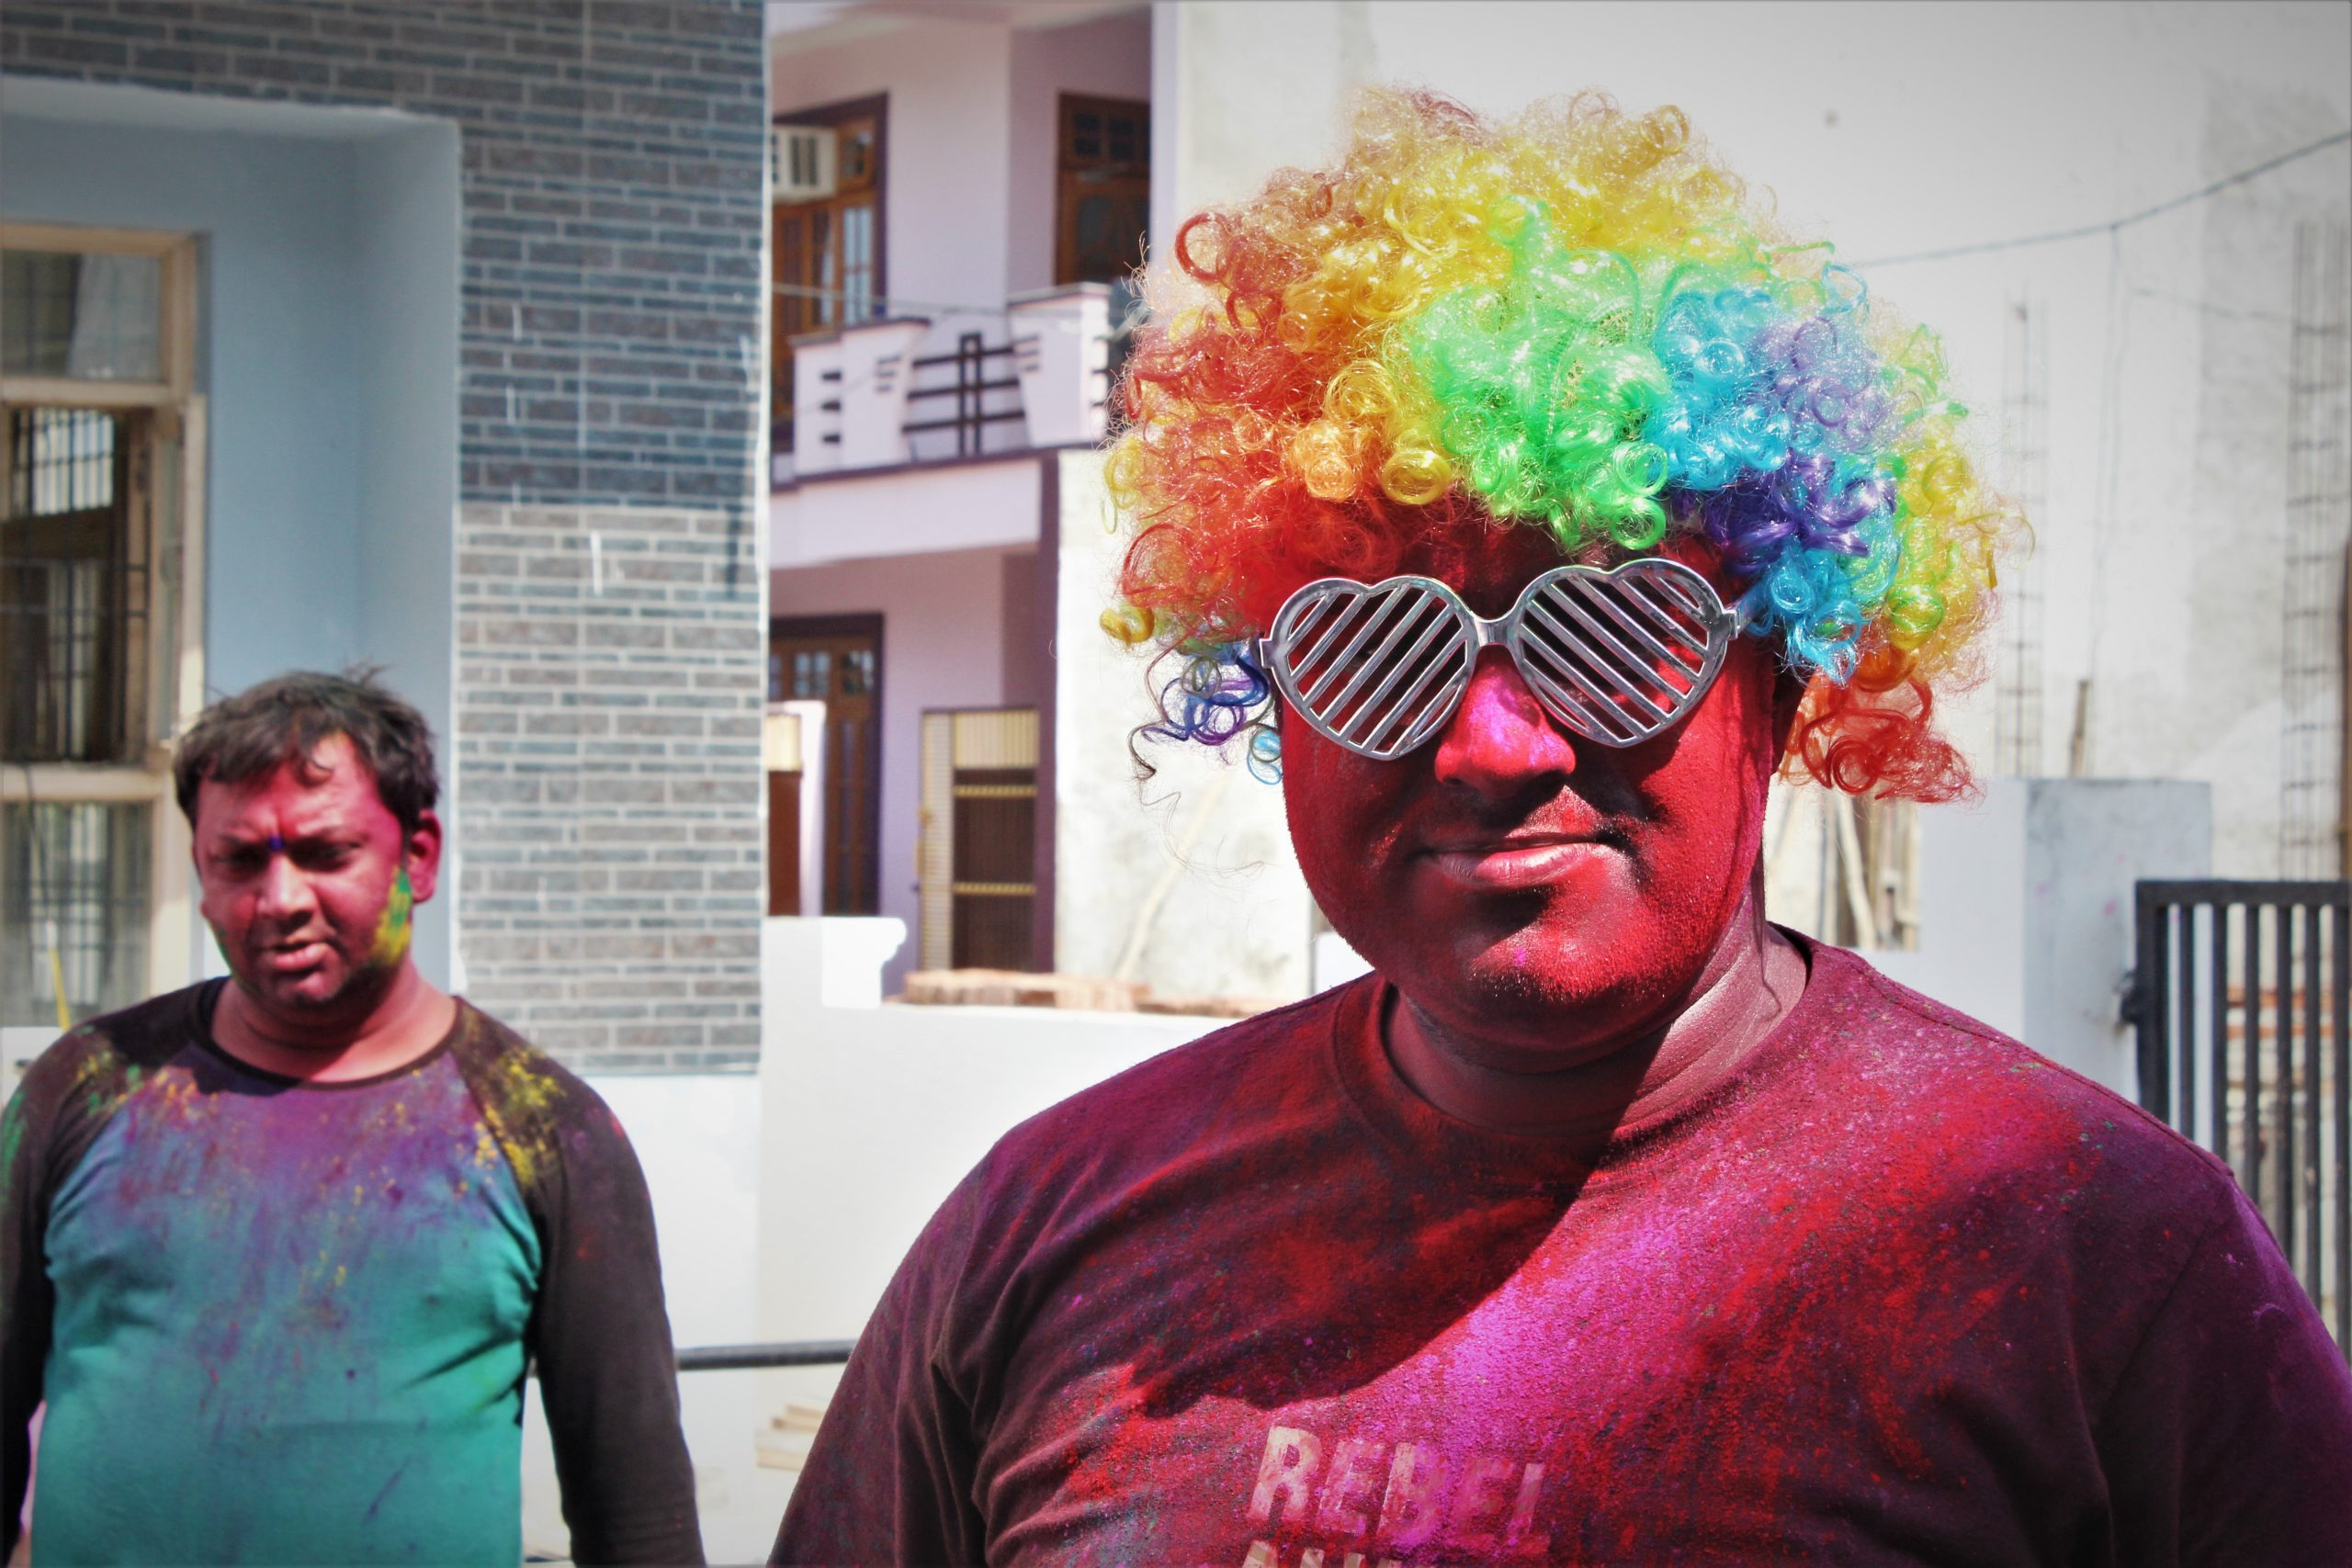 Men during Holi festival